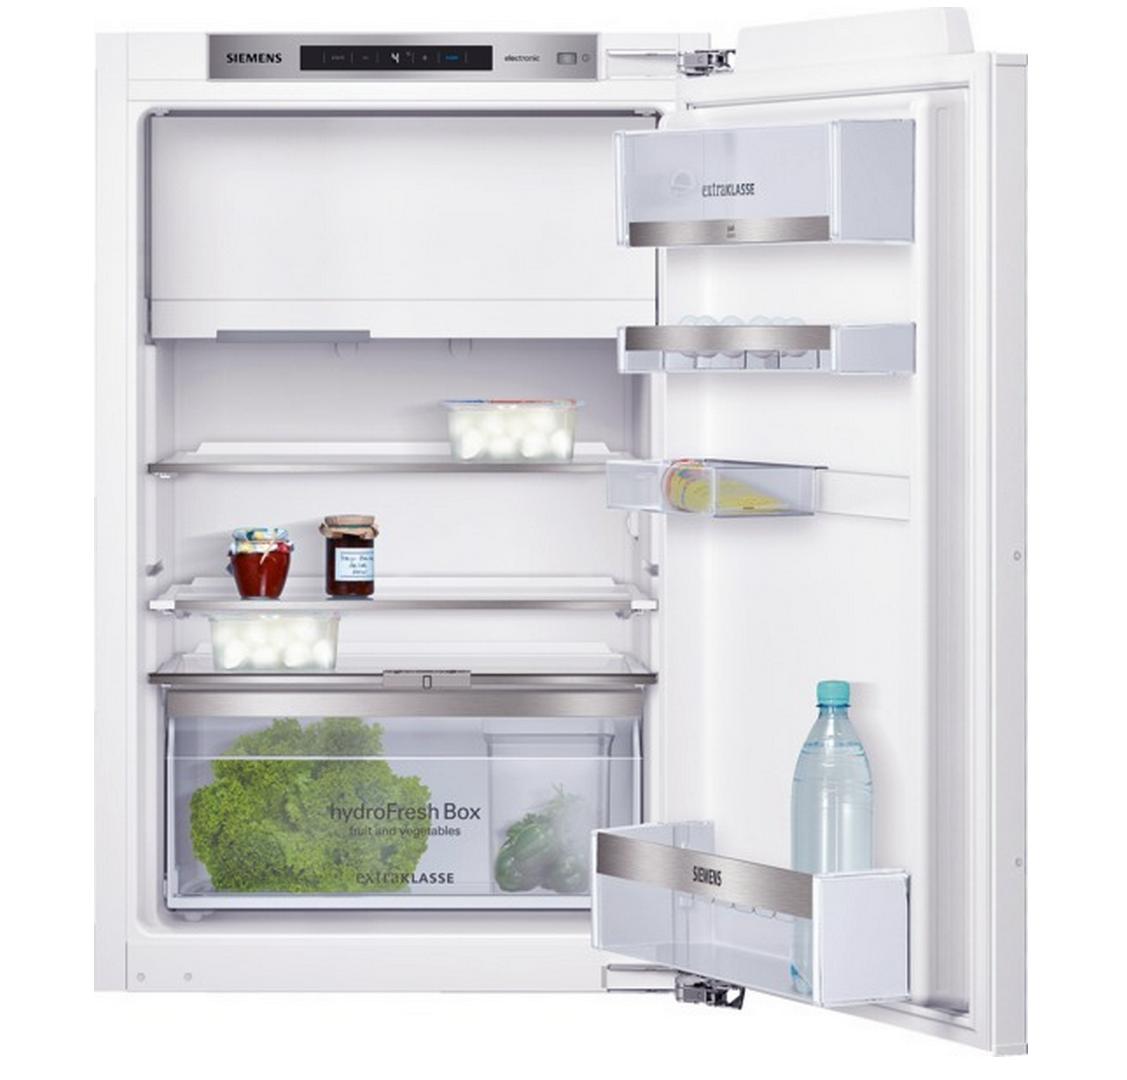 Siemens KI22LED30 inbouw koelkast